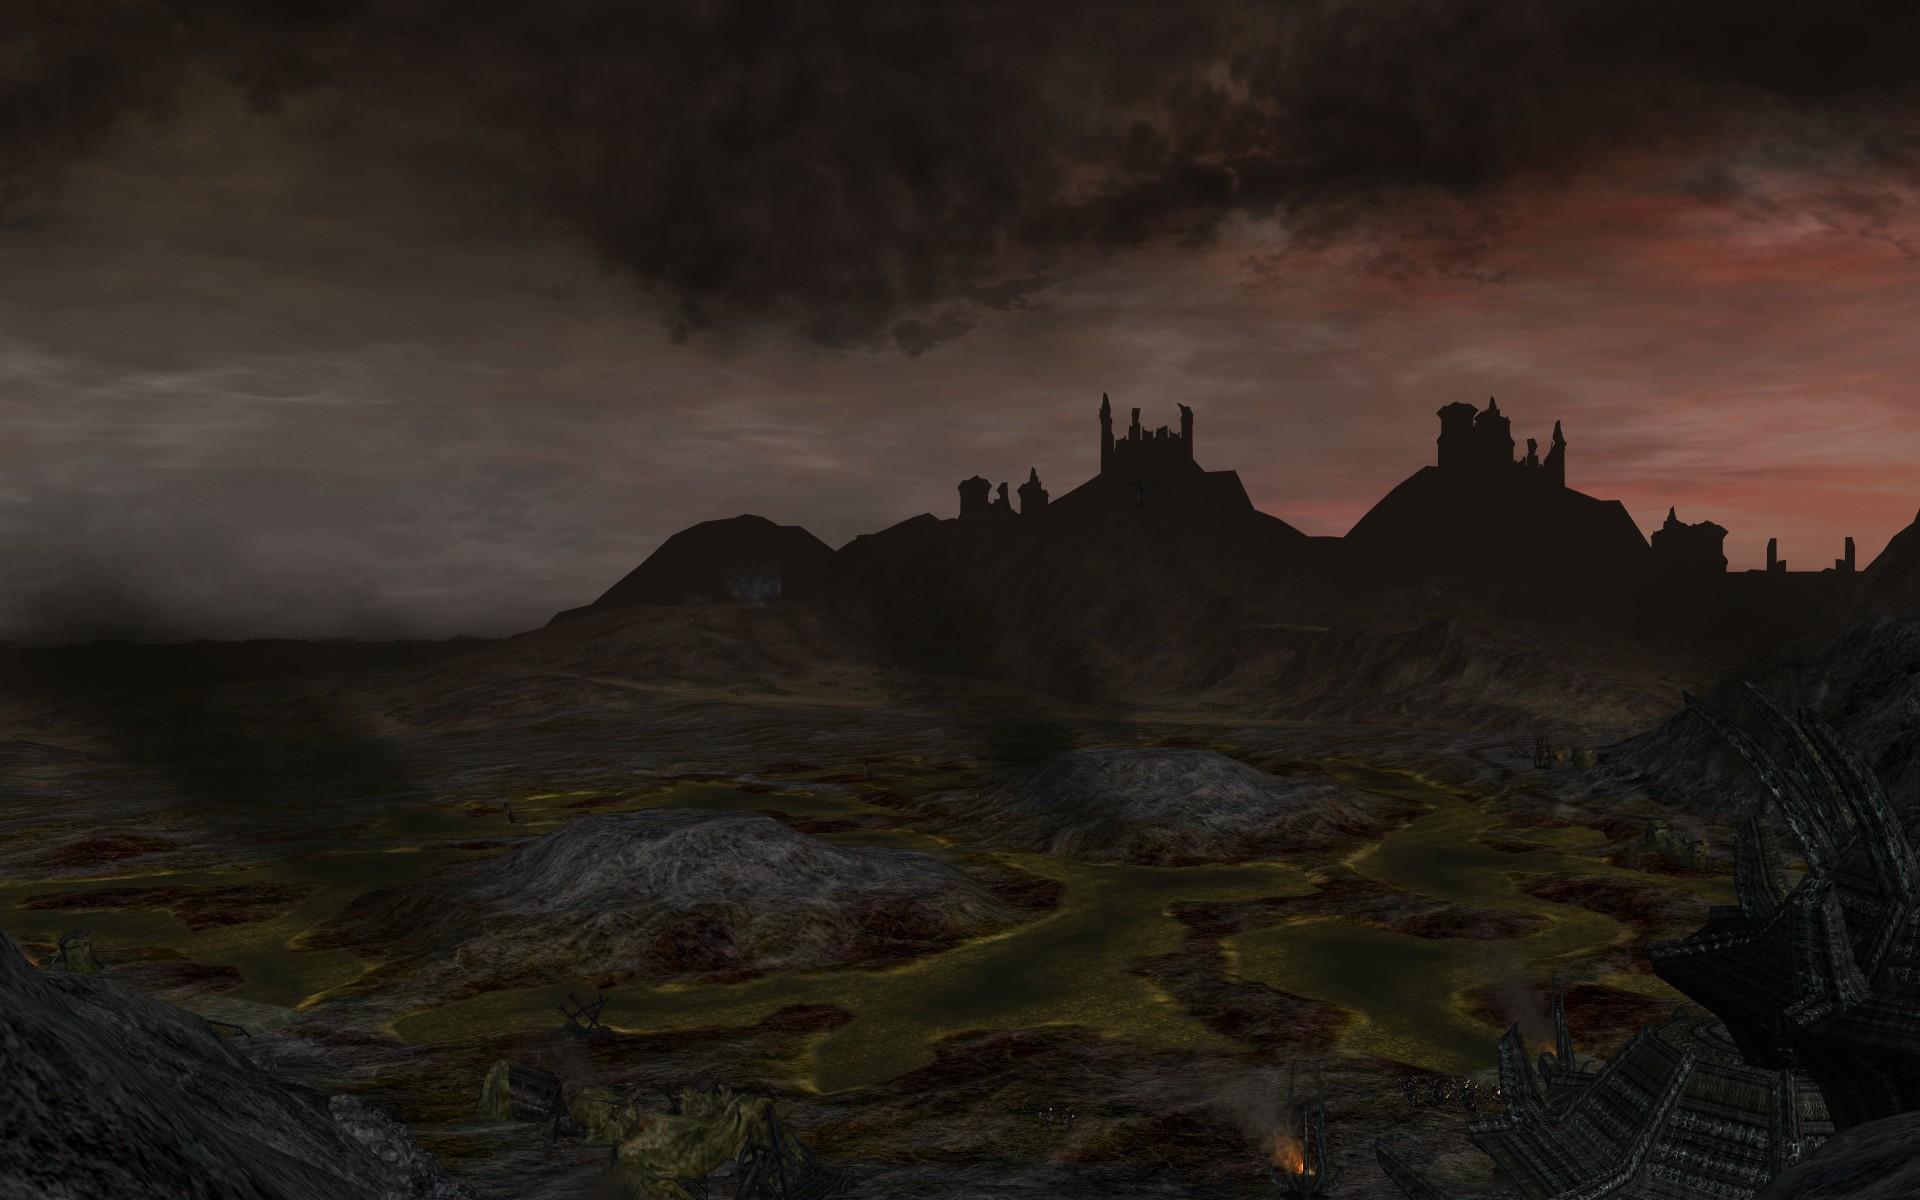 『ロード・オブ・ザ・リングス オンライン』における燃えかすの山(南西上空からの遠景)